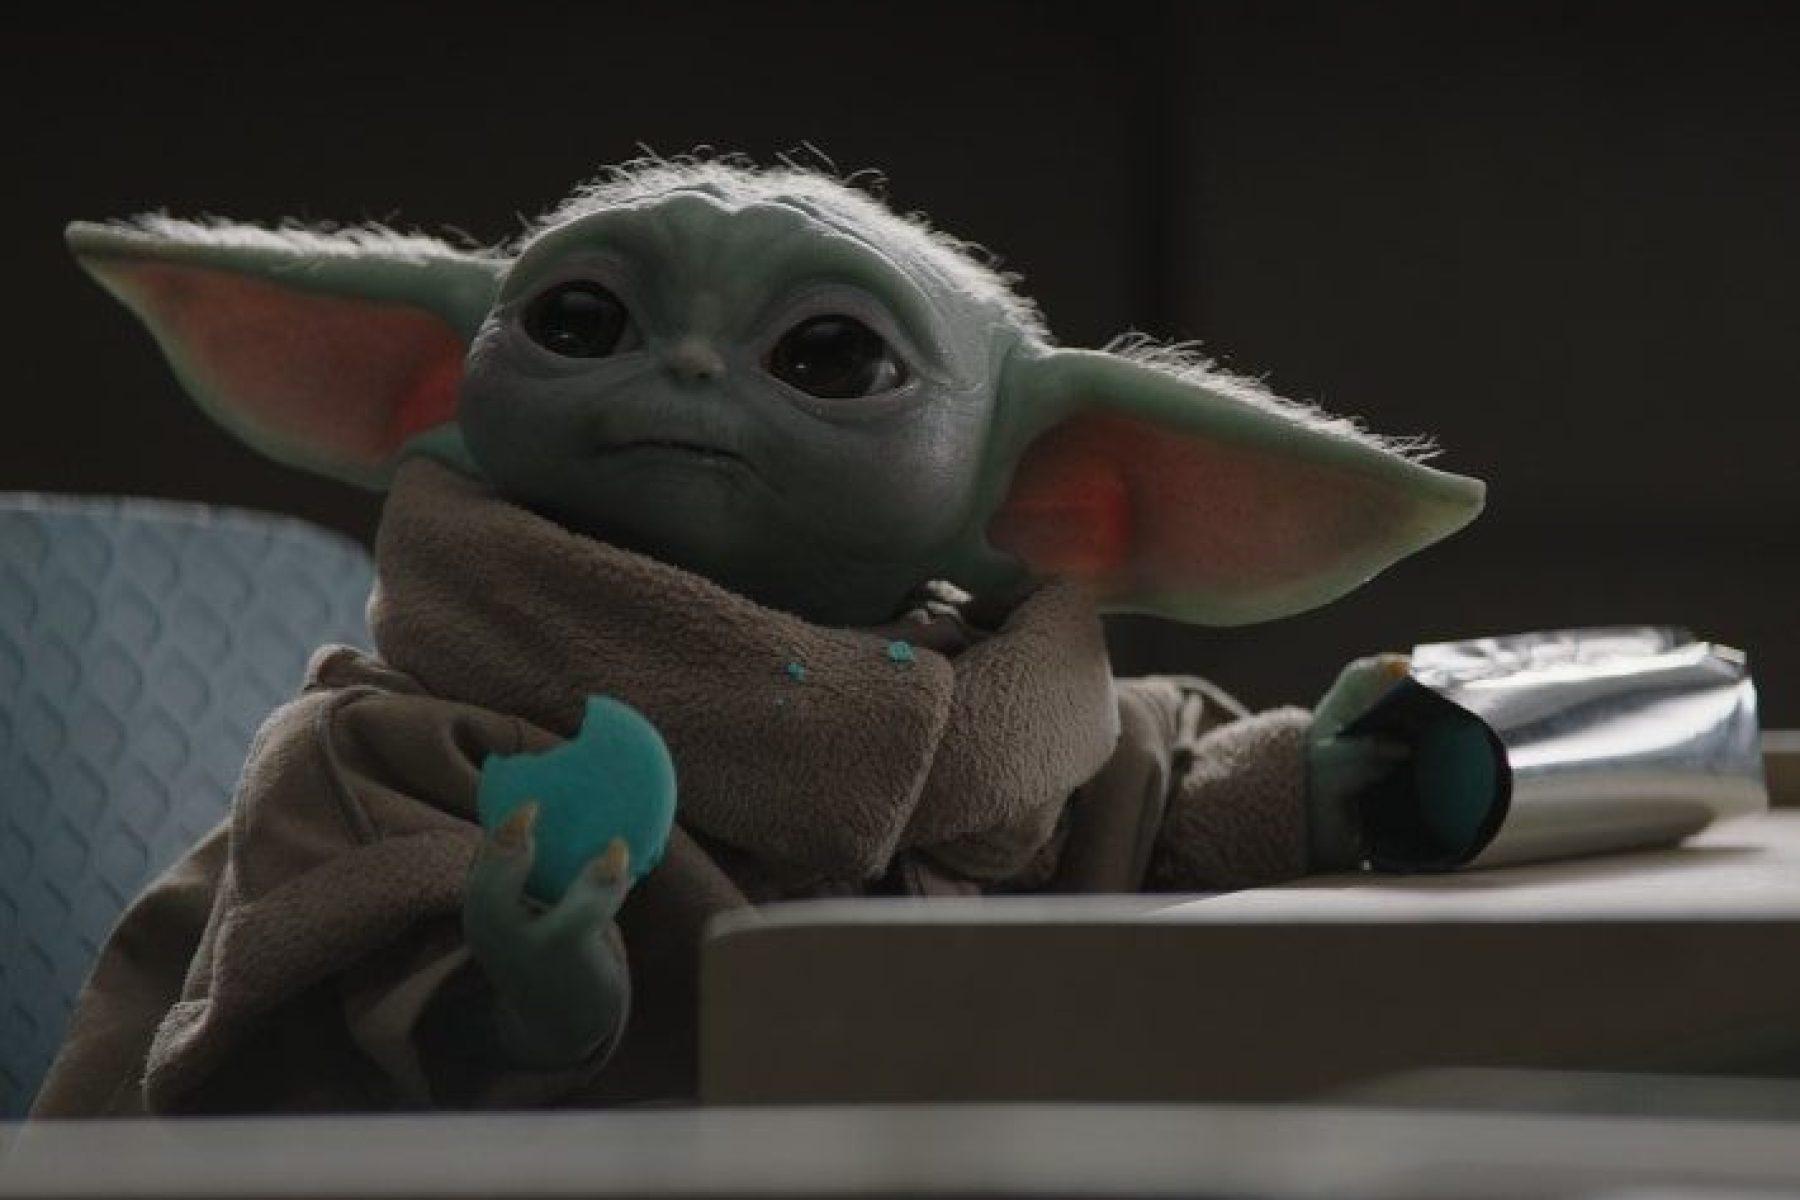 Grogu Eating Star Wars Cookies on Nevarro